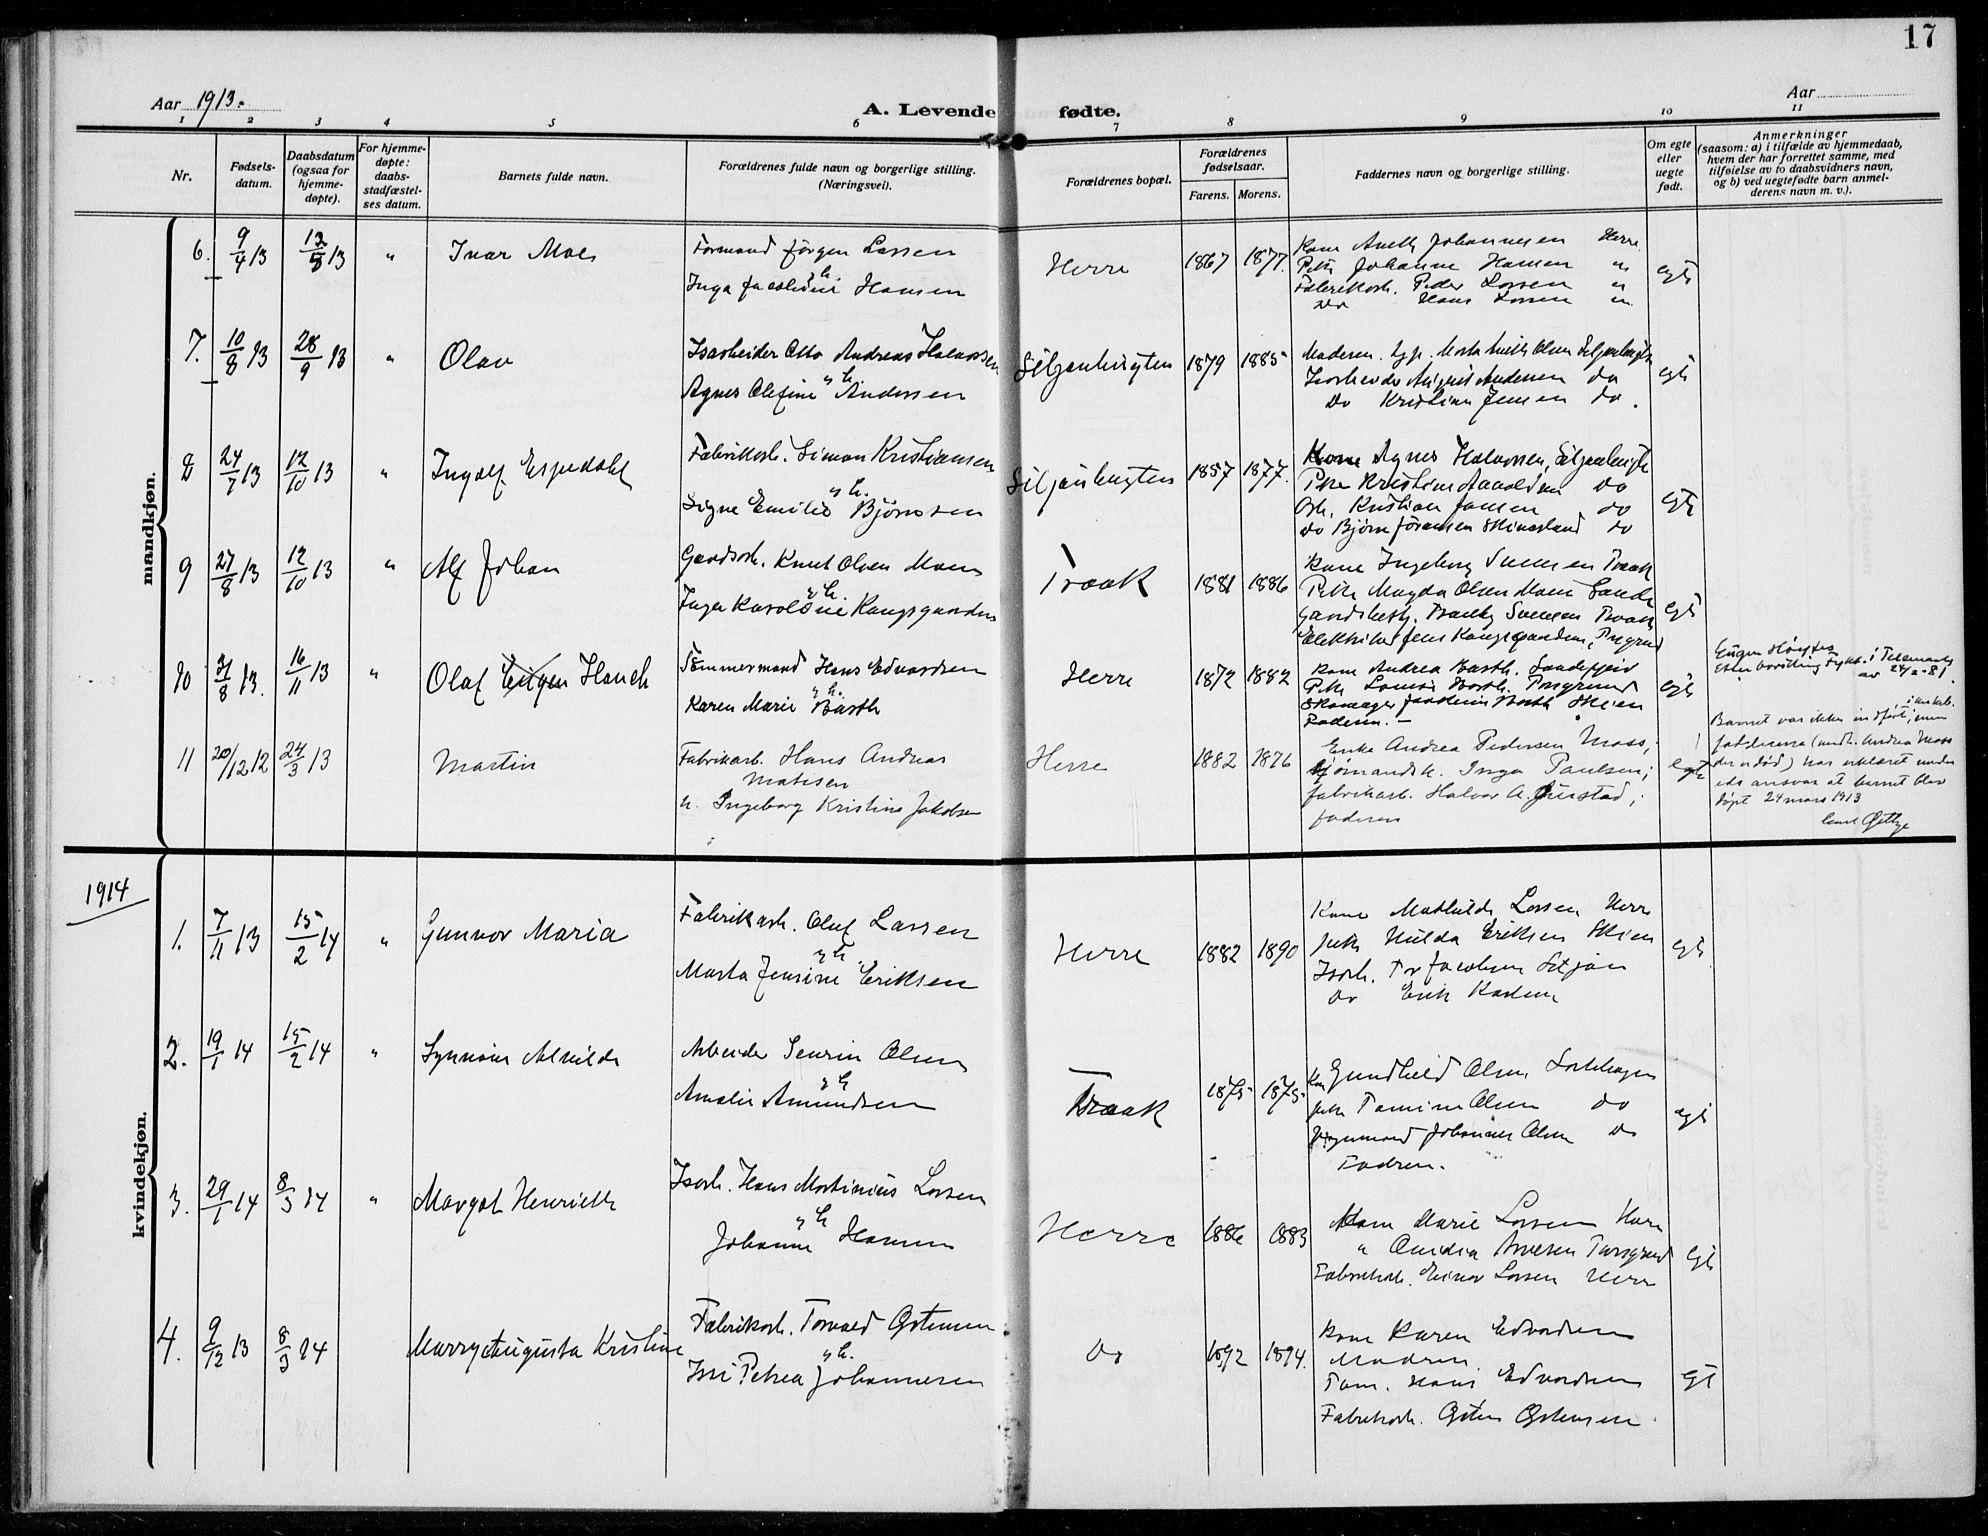 SAKO, Bamble kirkebøker, F/Fc/L0001: Ministerialbok nr. III 1, 1909-1916, s. 17